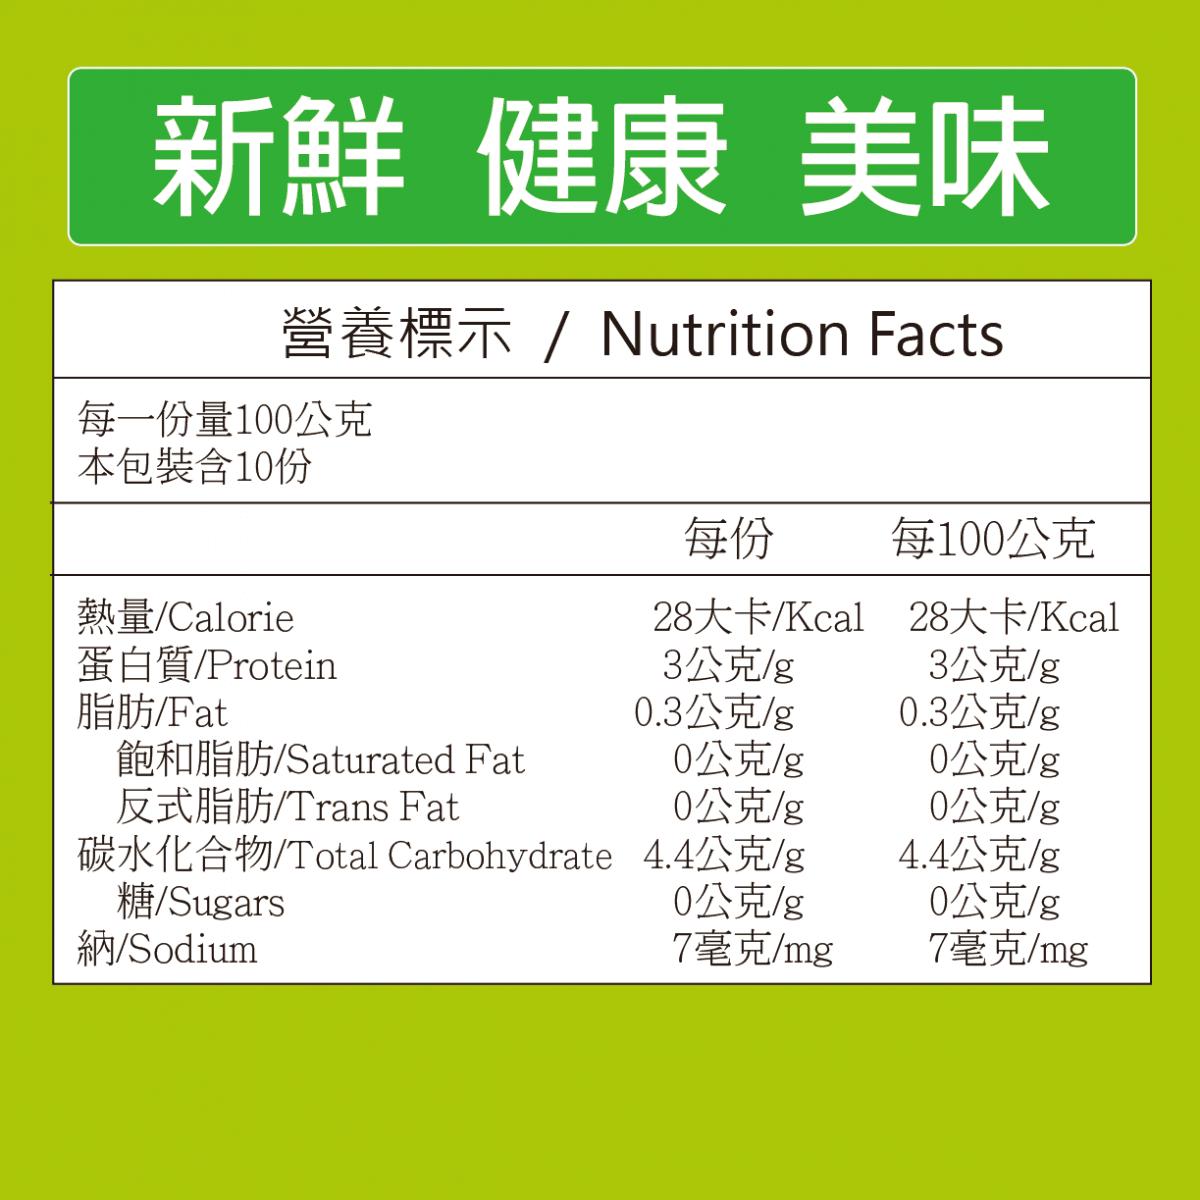 【田食原】鮮凍青花菜1KG 綠花椰菜 冷凍蔬菜 健康減醣 健身餐 養生團購美食 好吃方便 低熱量 4